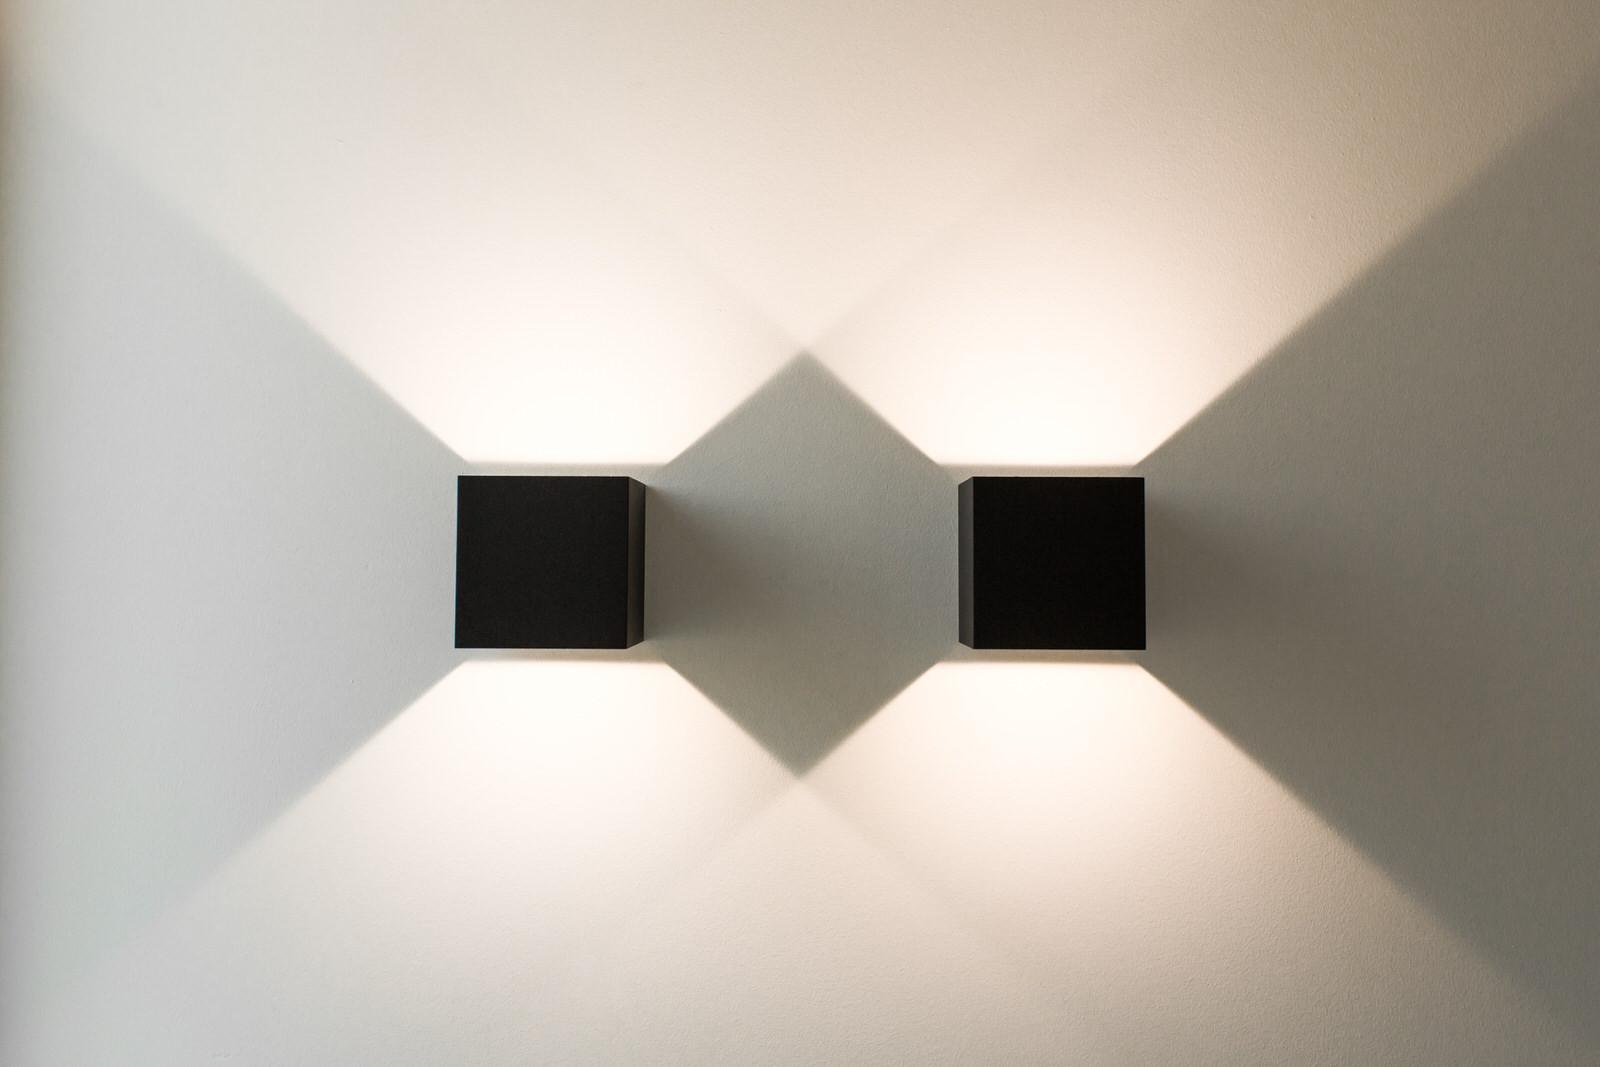 Lichtstudio vd Bosch, Deil-45-1.jpg | van den Bosch Verlichting | Home